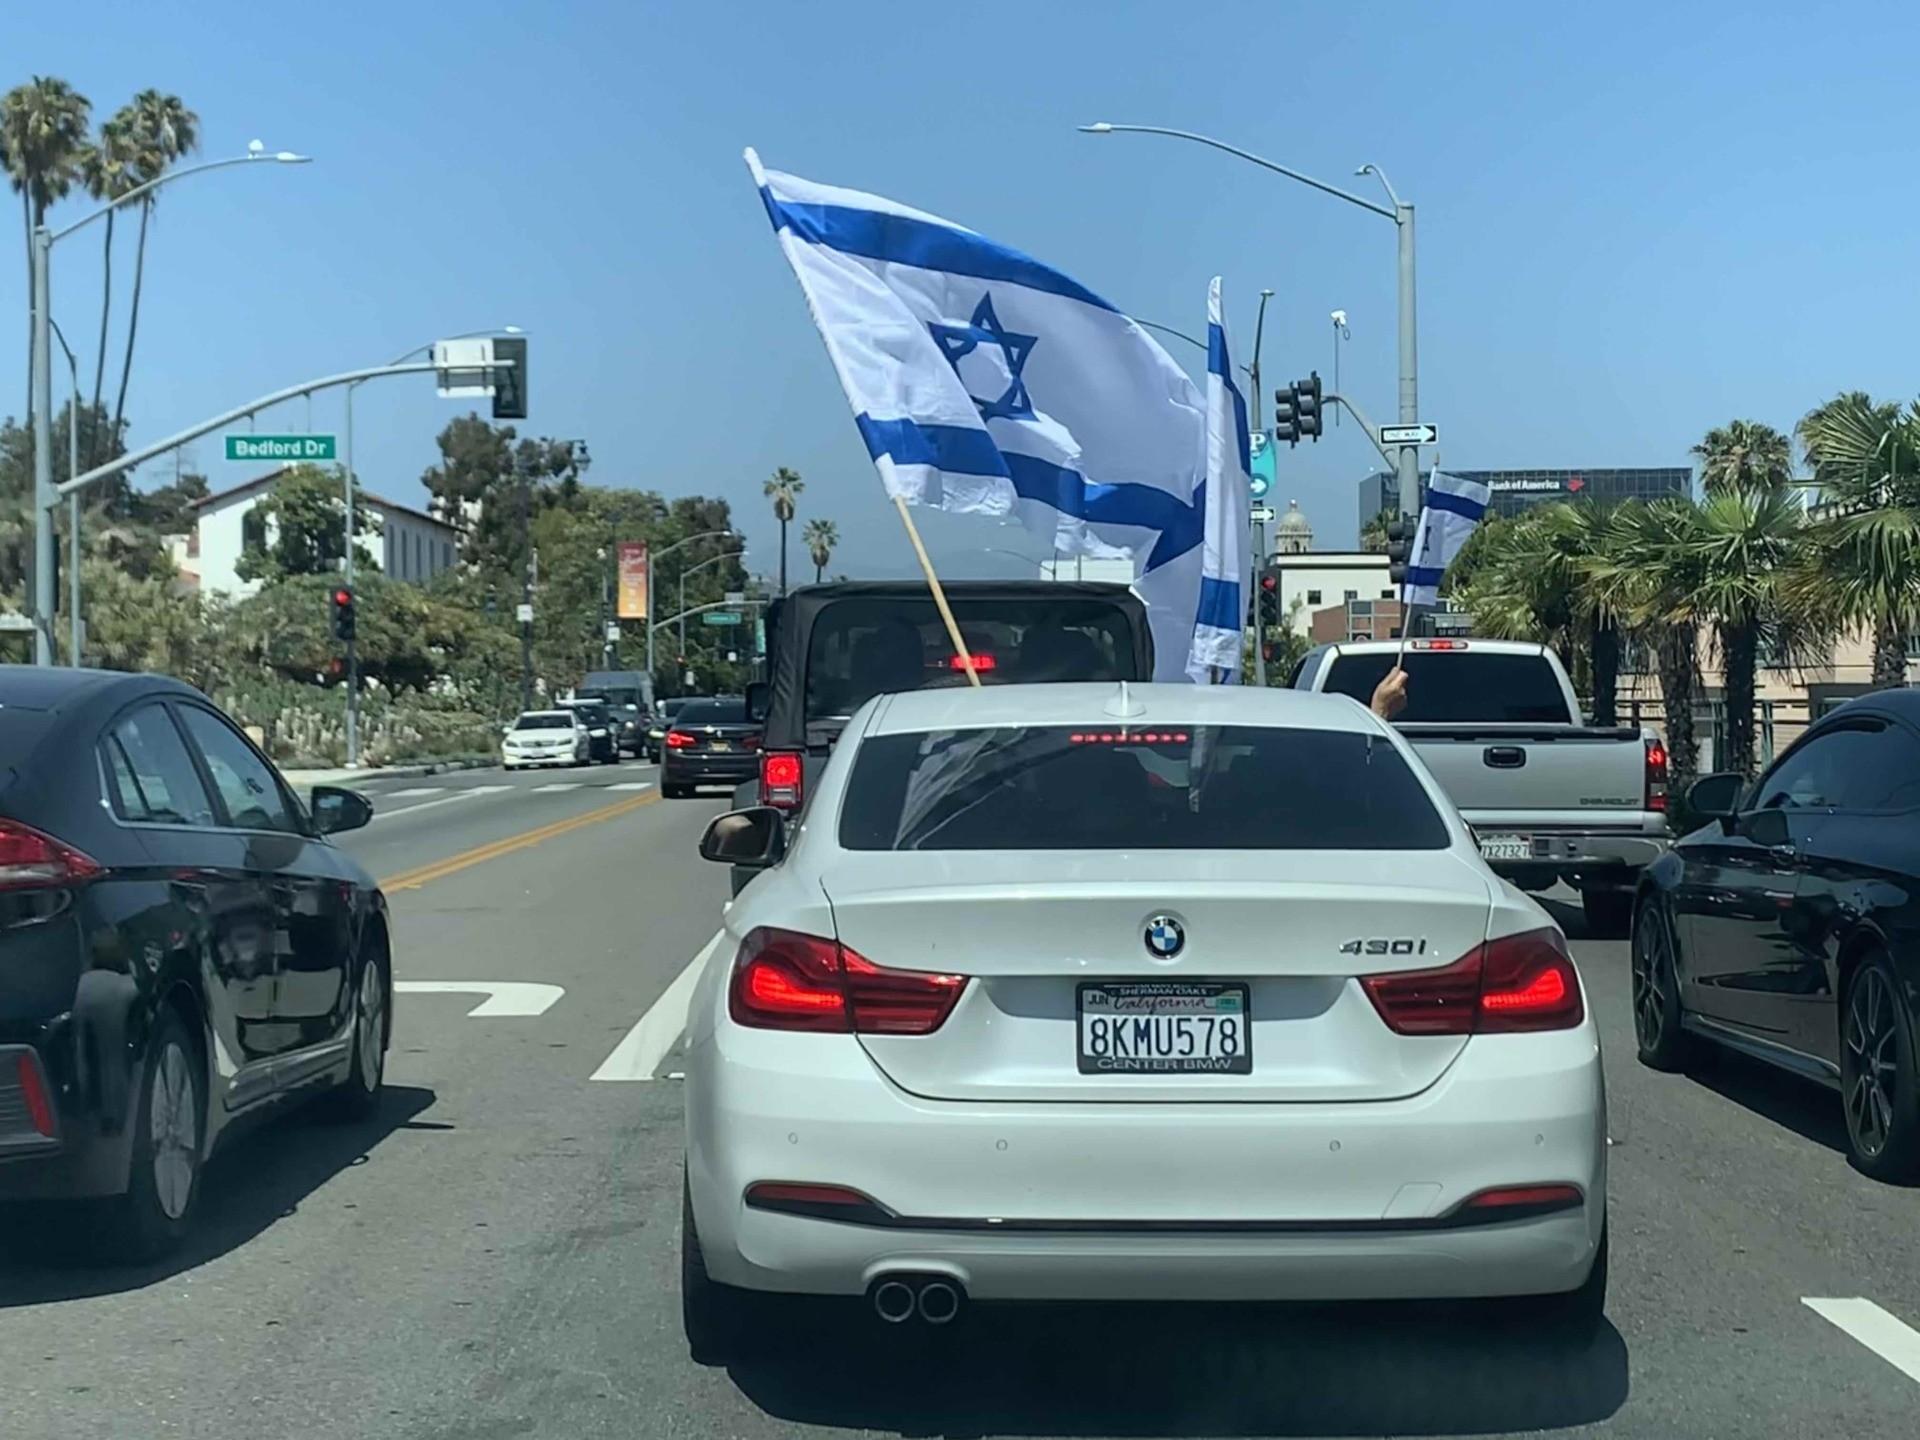 Sunroof flag at pro-Israel rally (Joel Pollak)